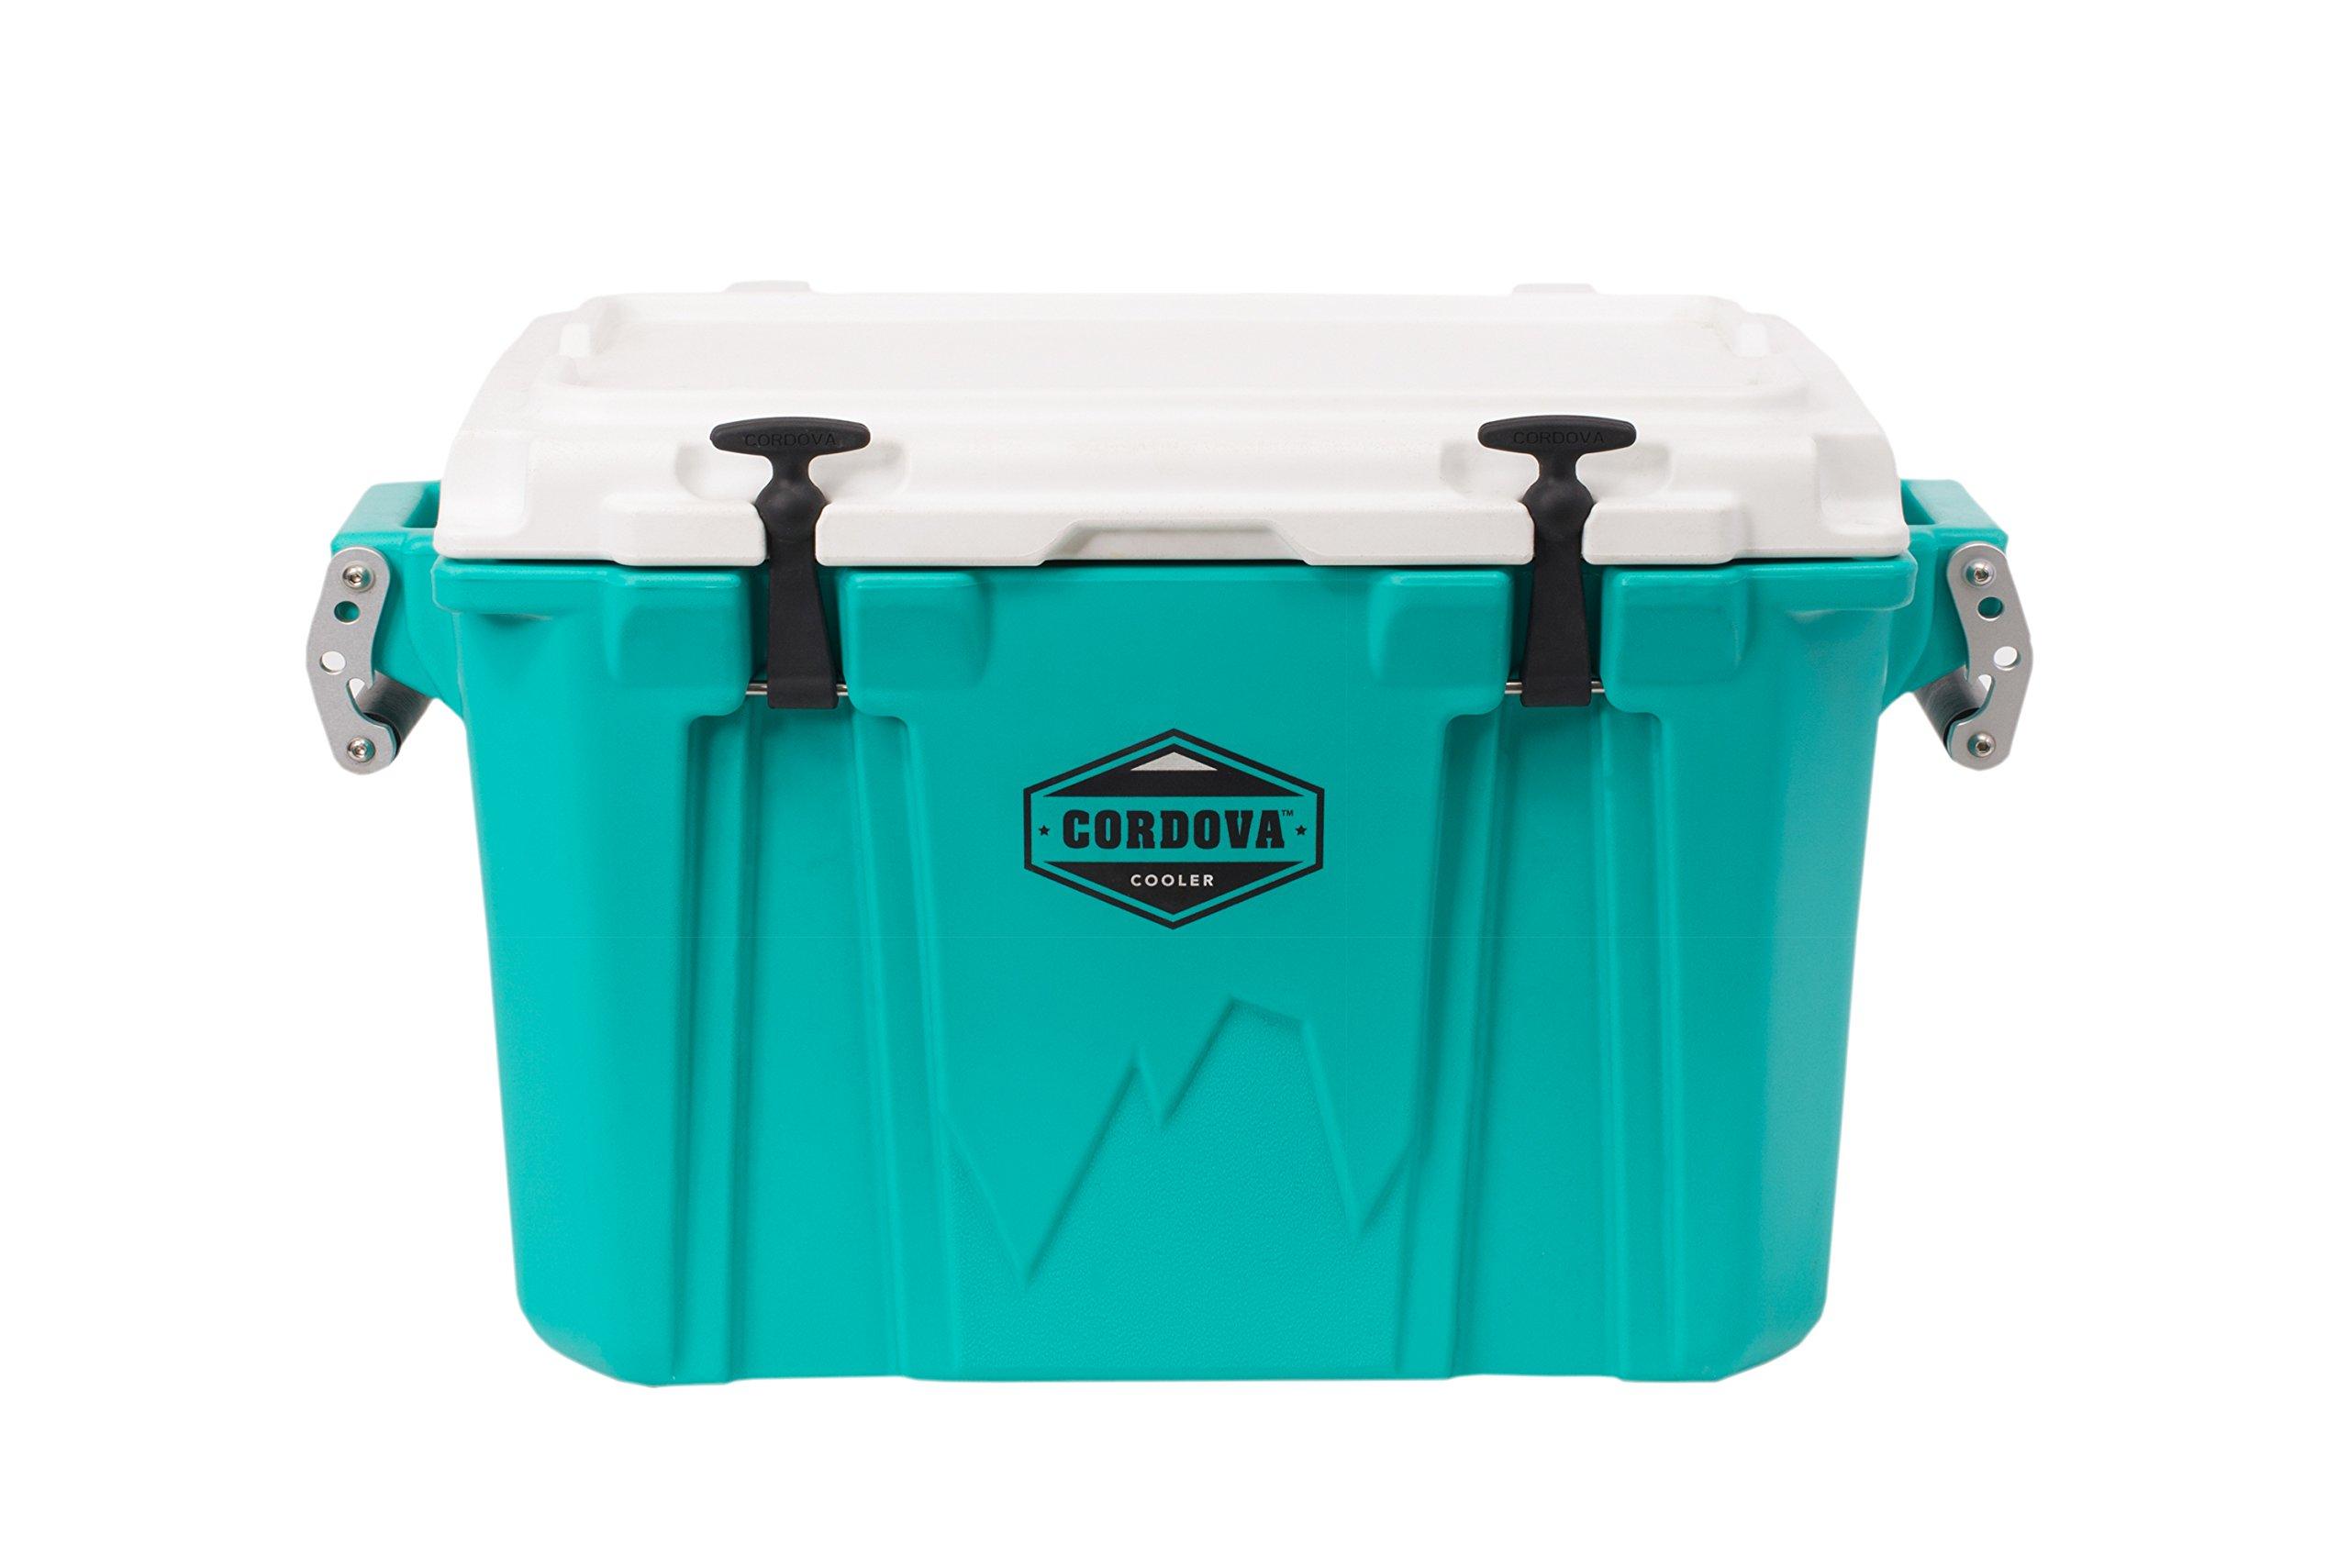 Cordova Coolers 50 Medium Cooler - Aqua by Cordova Coolers